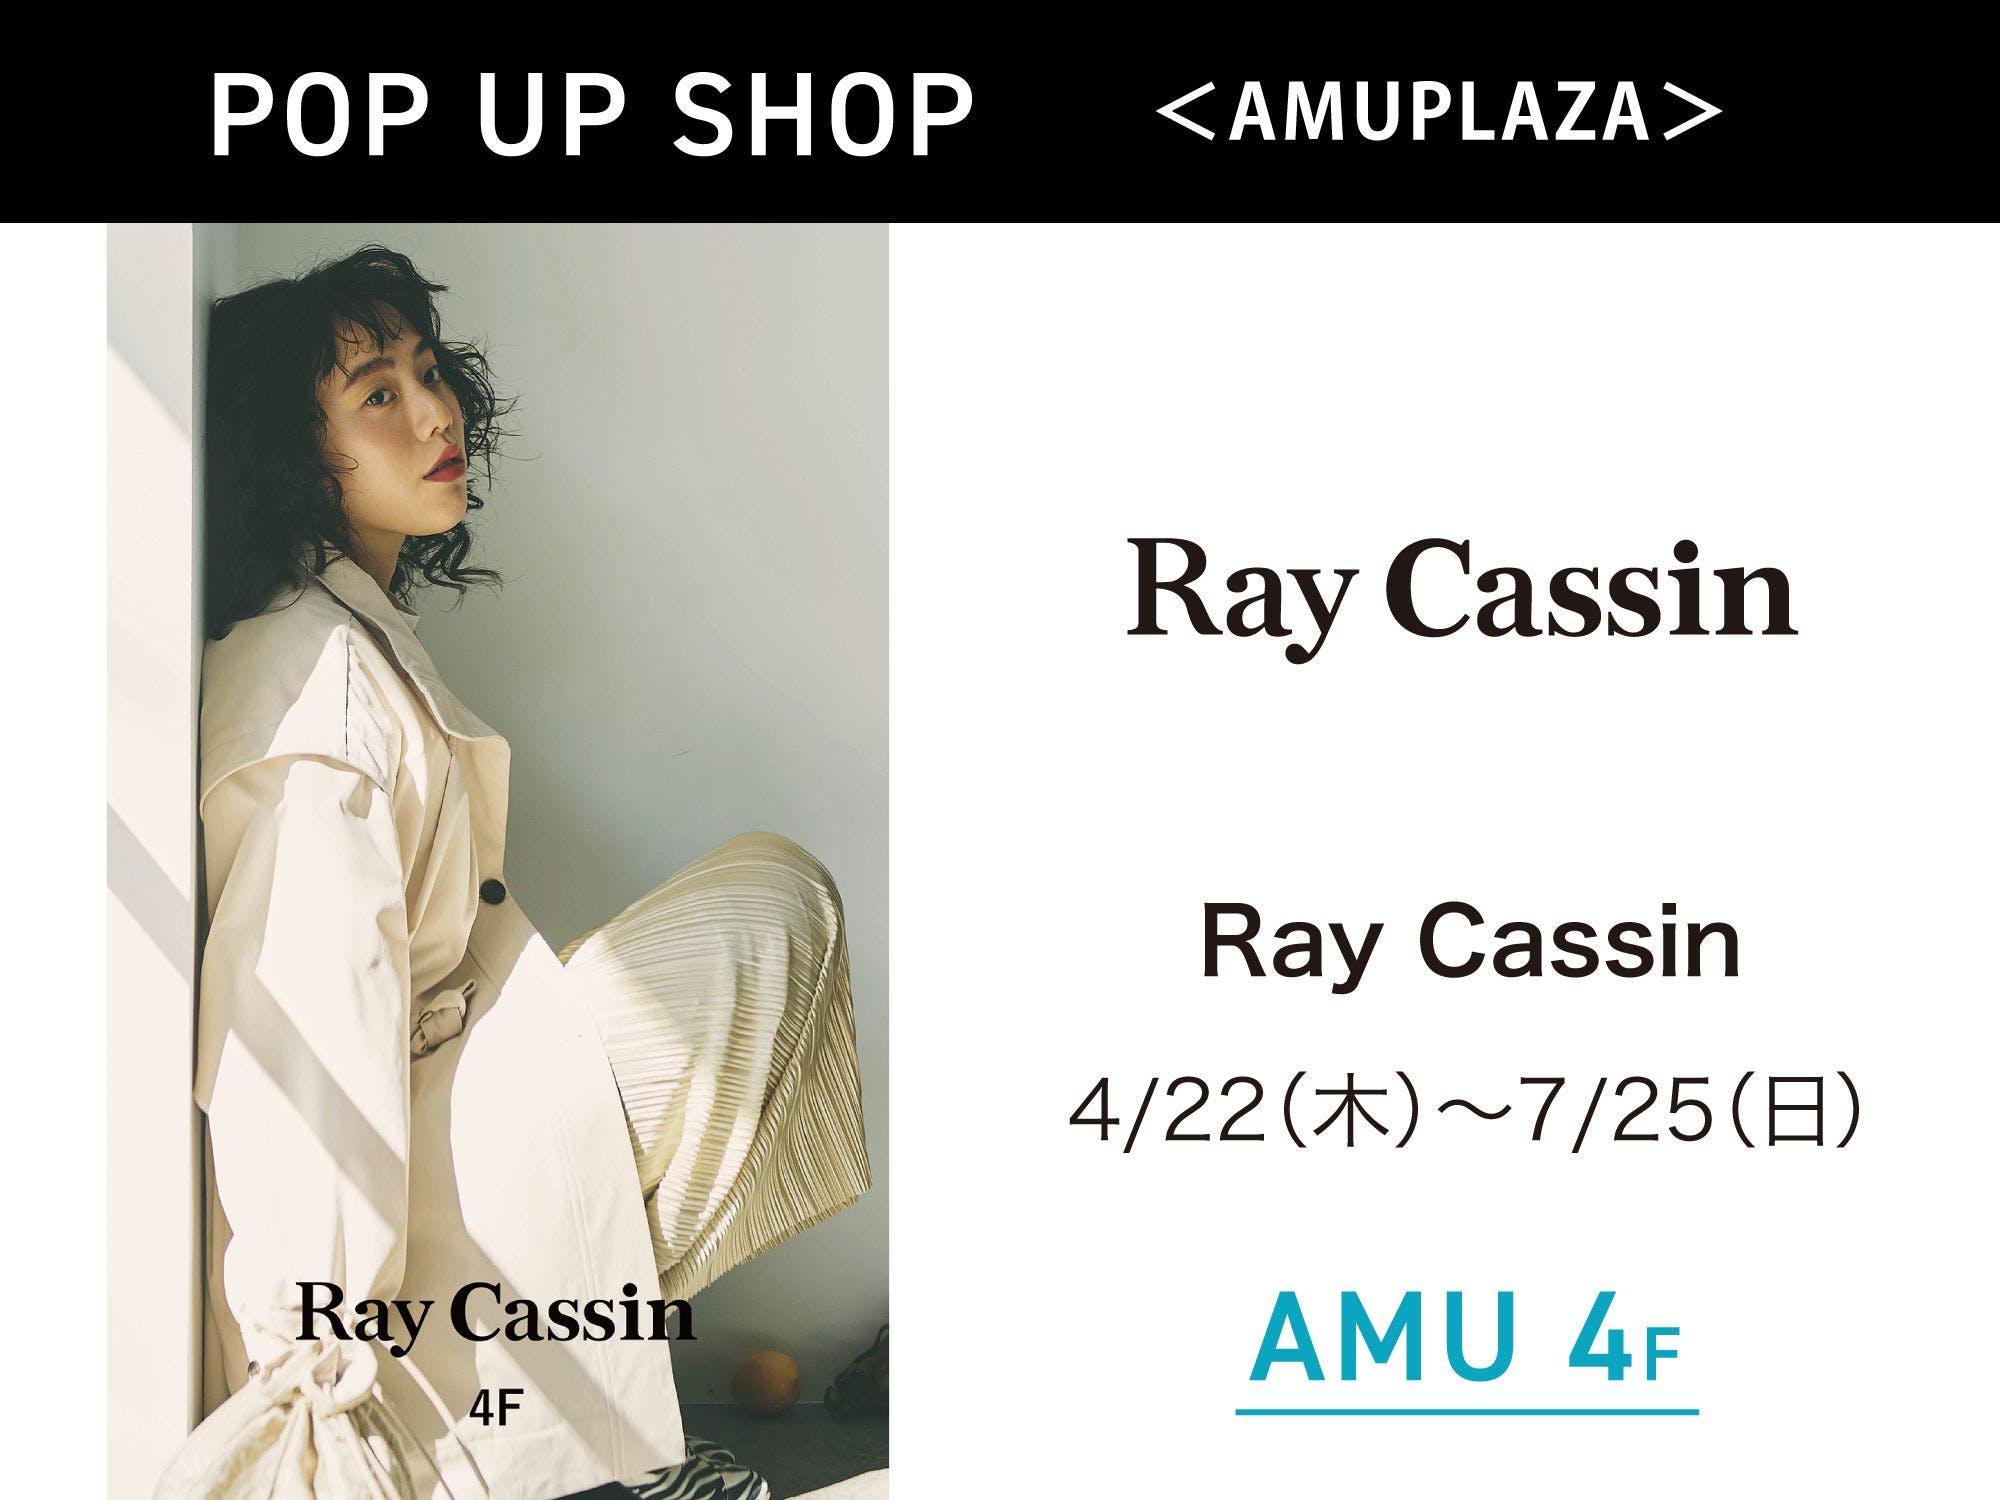 7月25日(日)まで!「Ray Cassin」AMU 4FにてPOP UP SHOP開催!